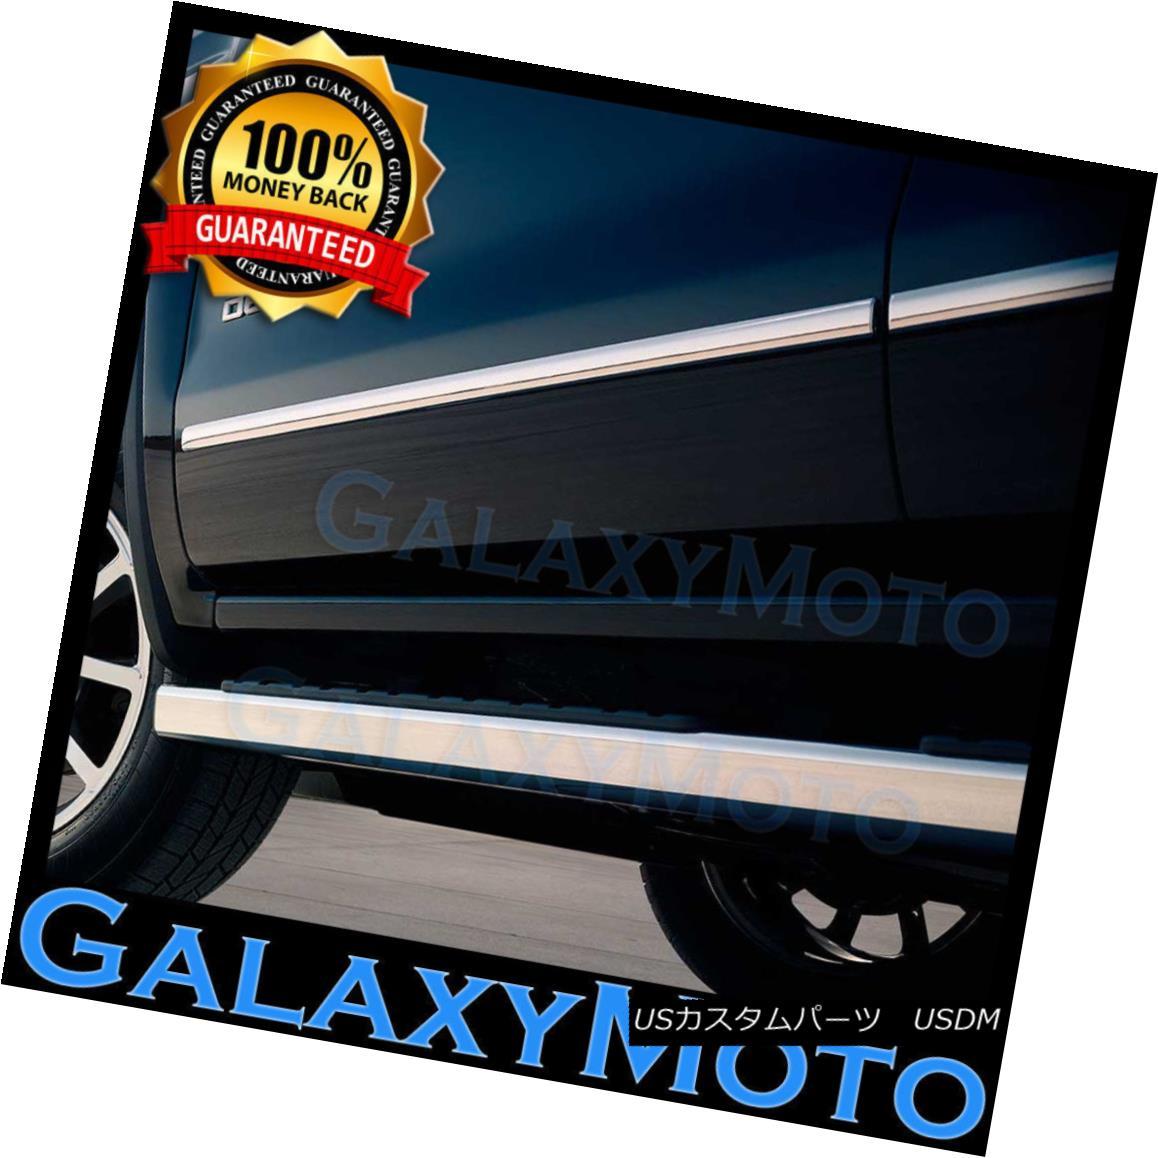 グリル 08-10 Ford Super Duty F250+F350 4 Door Front+Rear Chrome Body Side Molding 4pcs 08-10 Ford Super Duty F250 + F350 4ドアフロント+リアクロームボディサイドモールディング4個